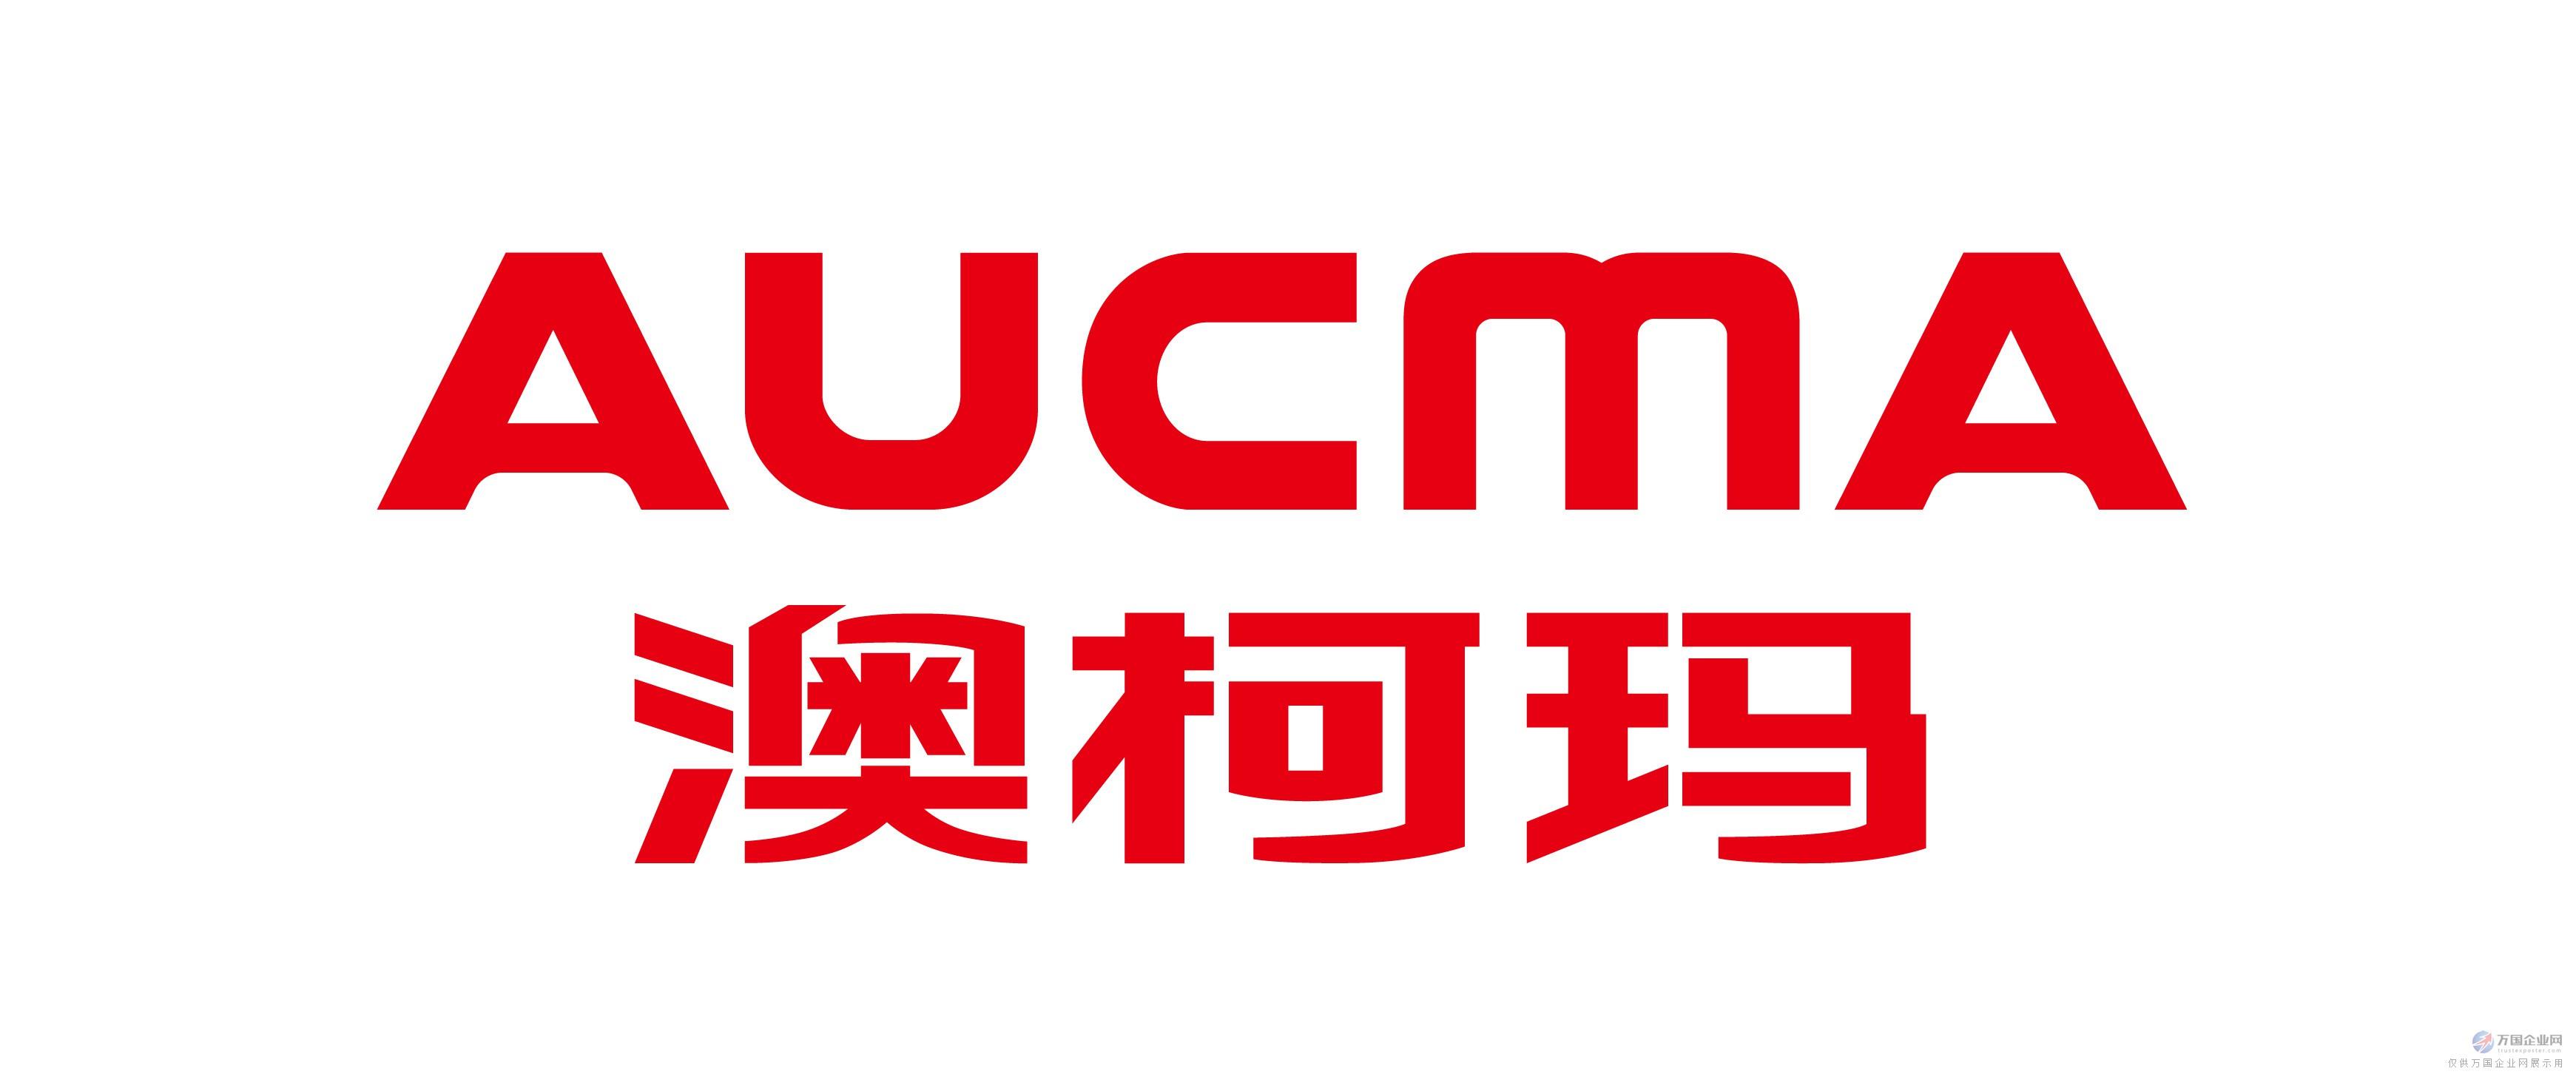 2018中国国际自助服务产品展览会